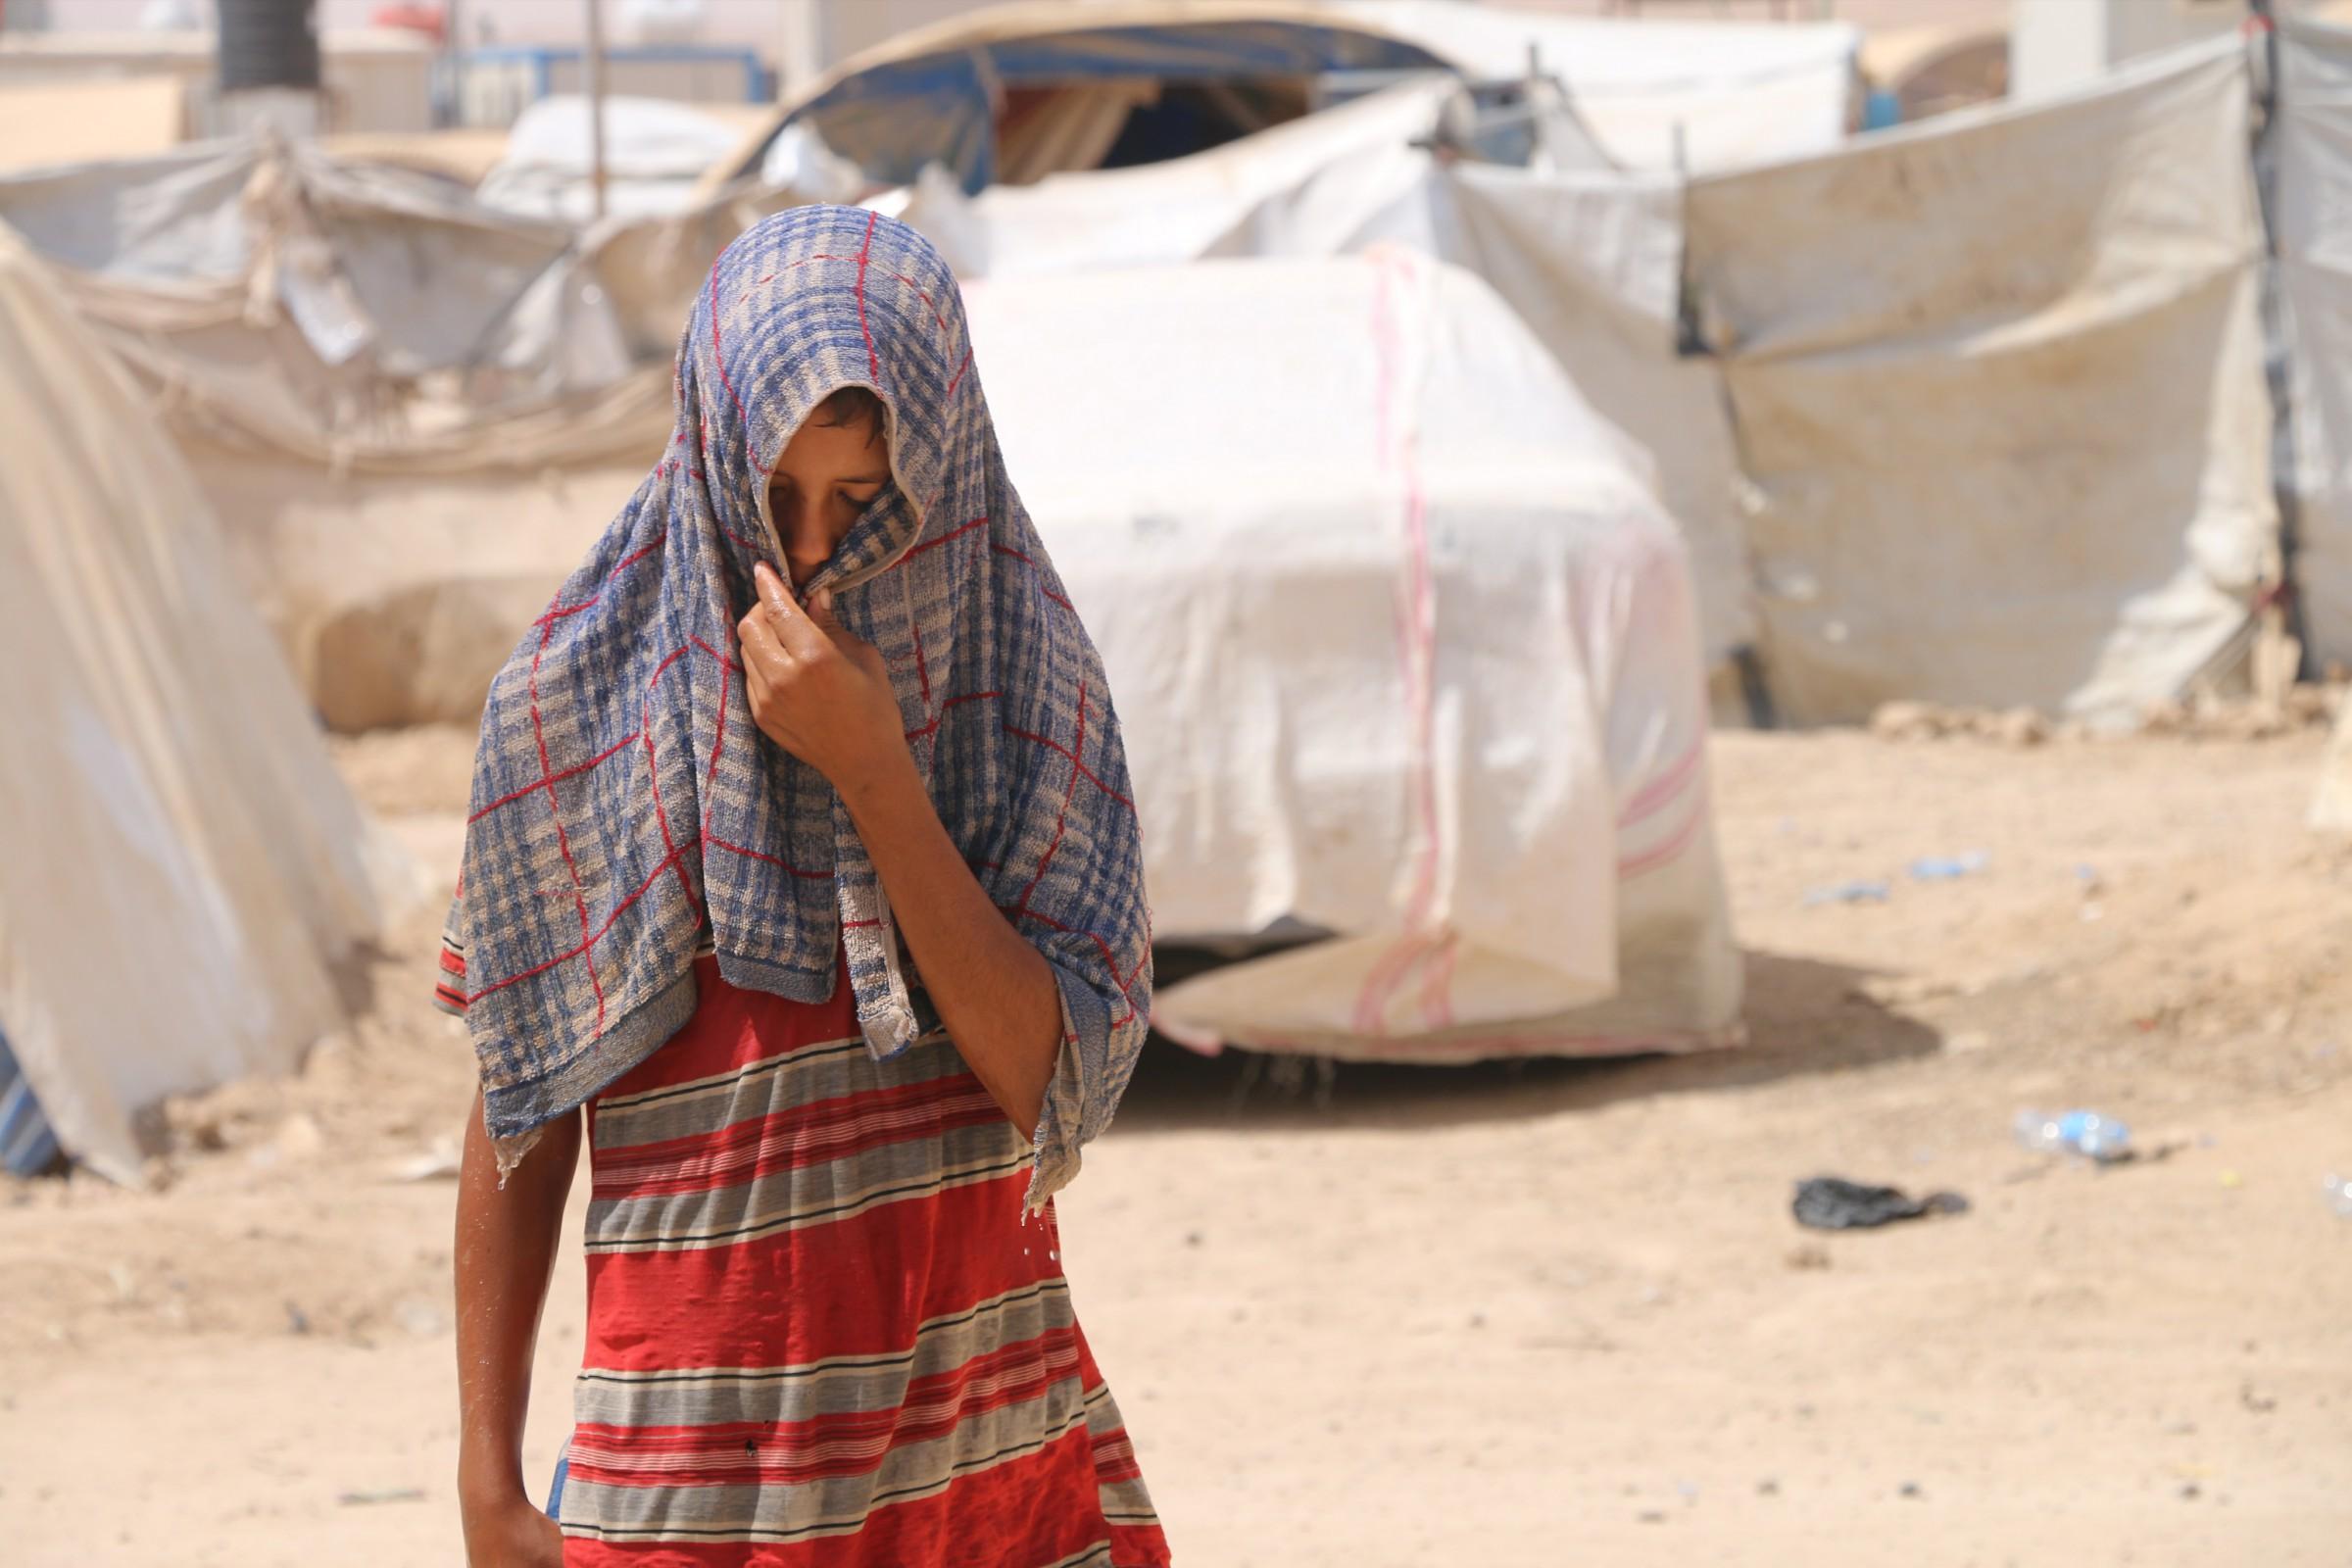 """اغلاق مخيم """"الـ60 كيلو"""" غرب الرمادي ونقل النازحين الى مخيم آخر"""